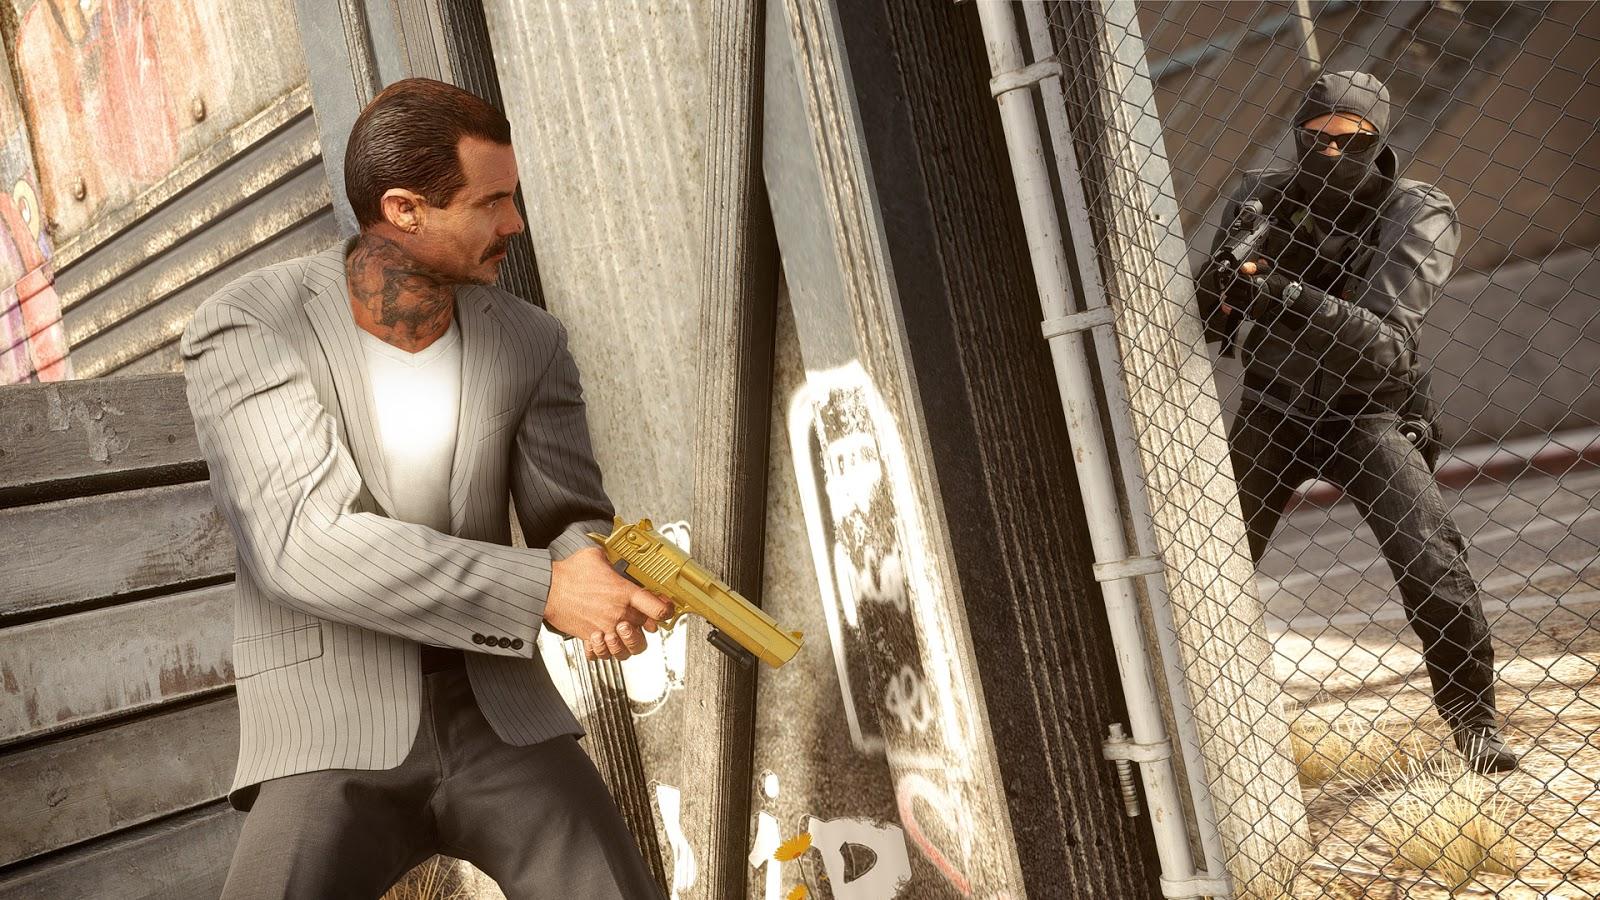 Sistema de Partidas Competitivas será disponibilizado gratuitamente para Battlefield Hardlie